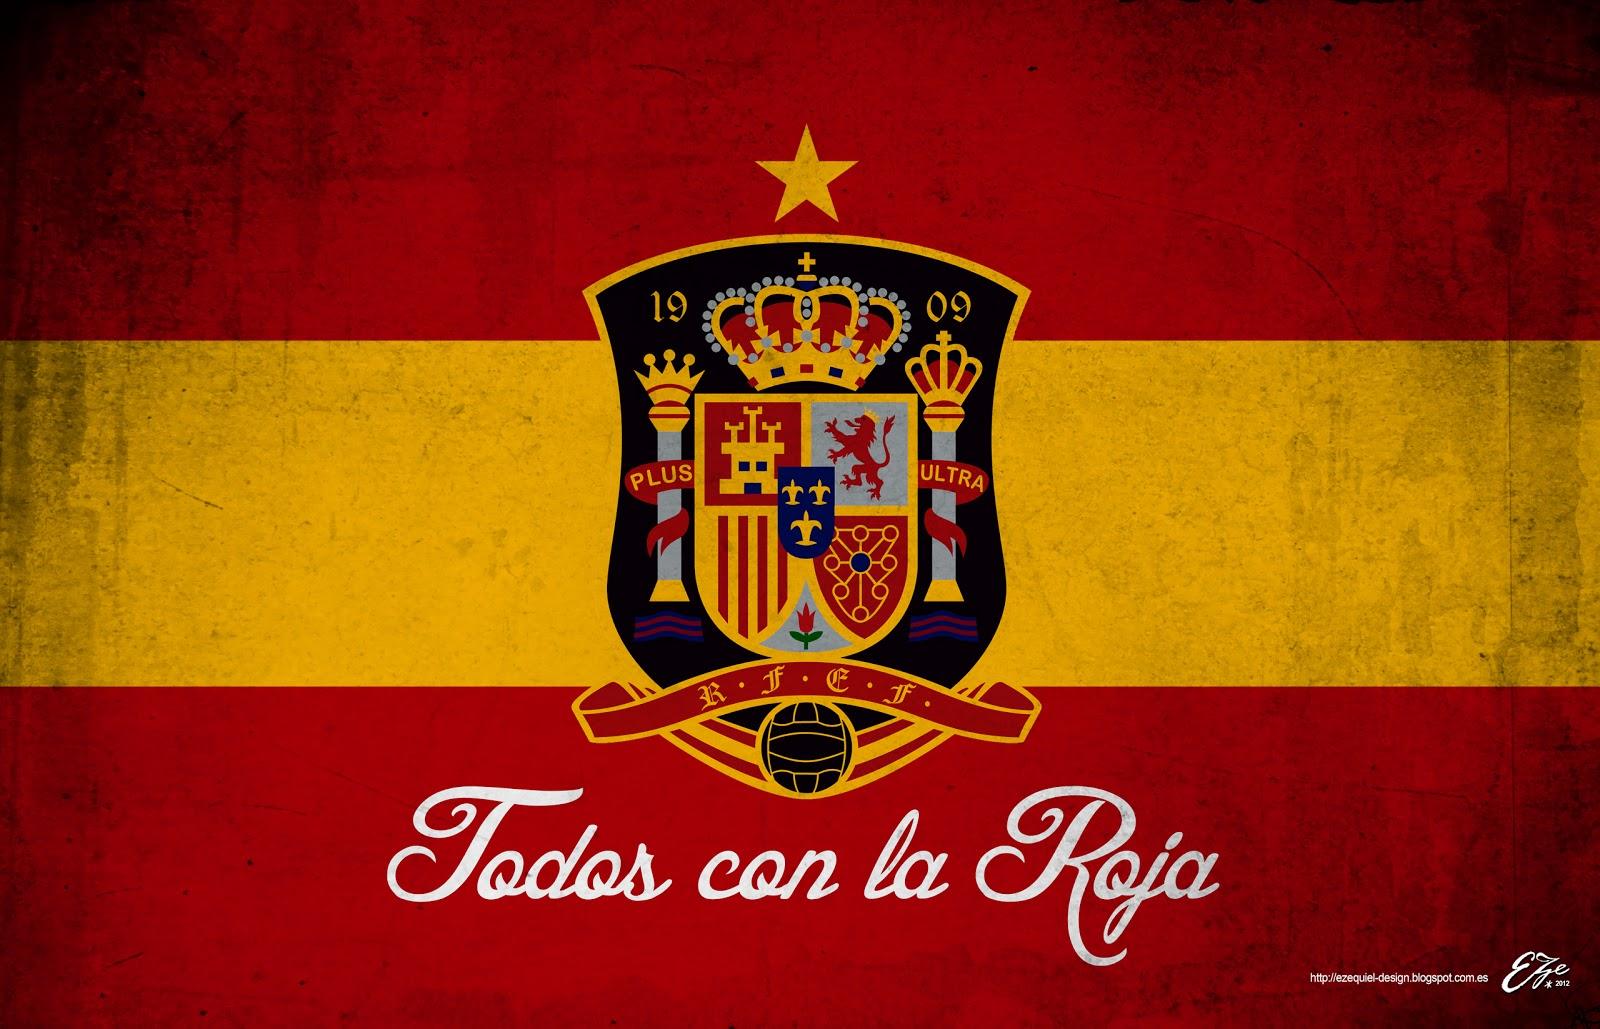 ოფიციალურად: ესპანეთის ეროვნულ ნაკრებს ახალი მწვრთნელი ჰყავს